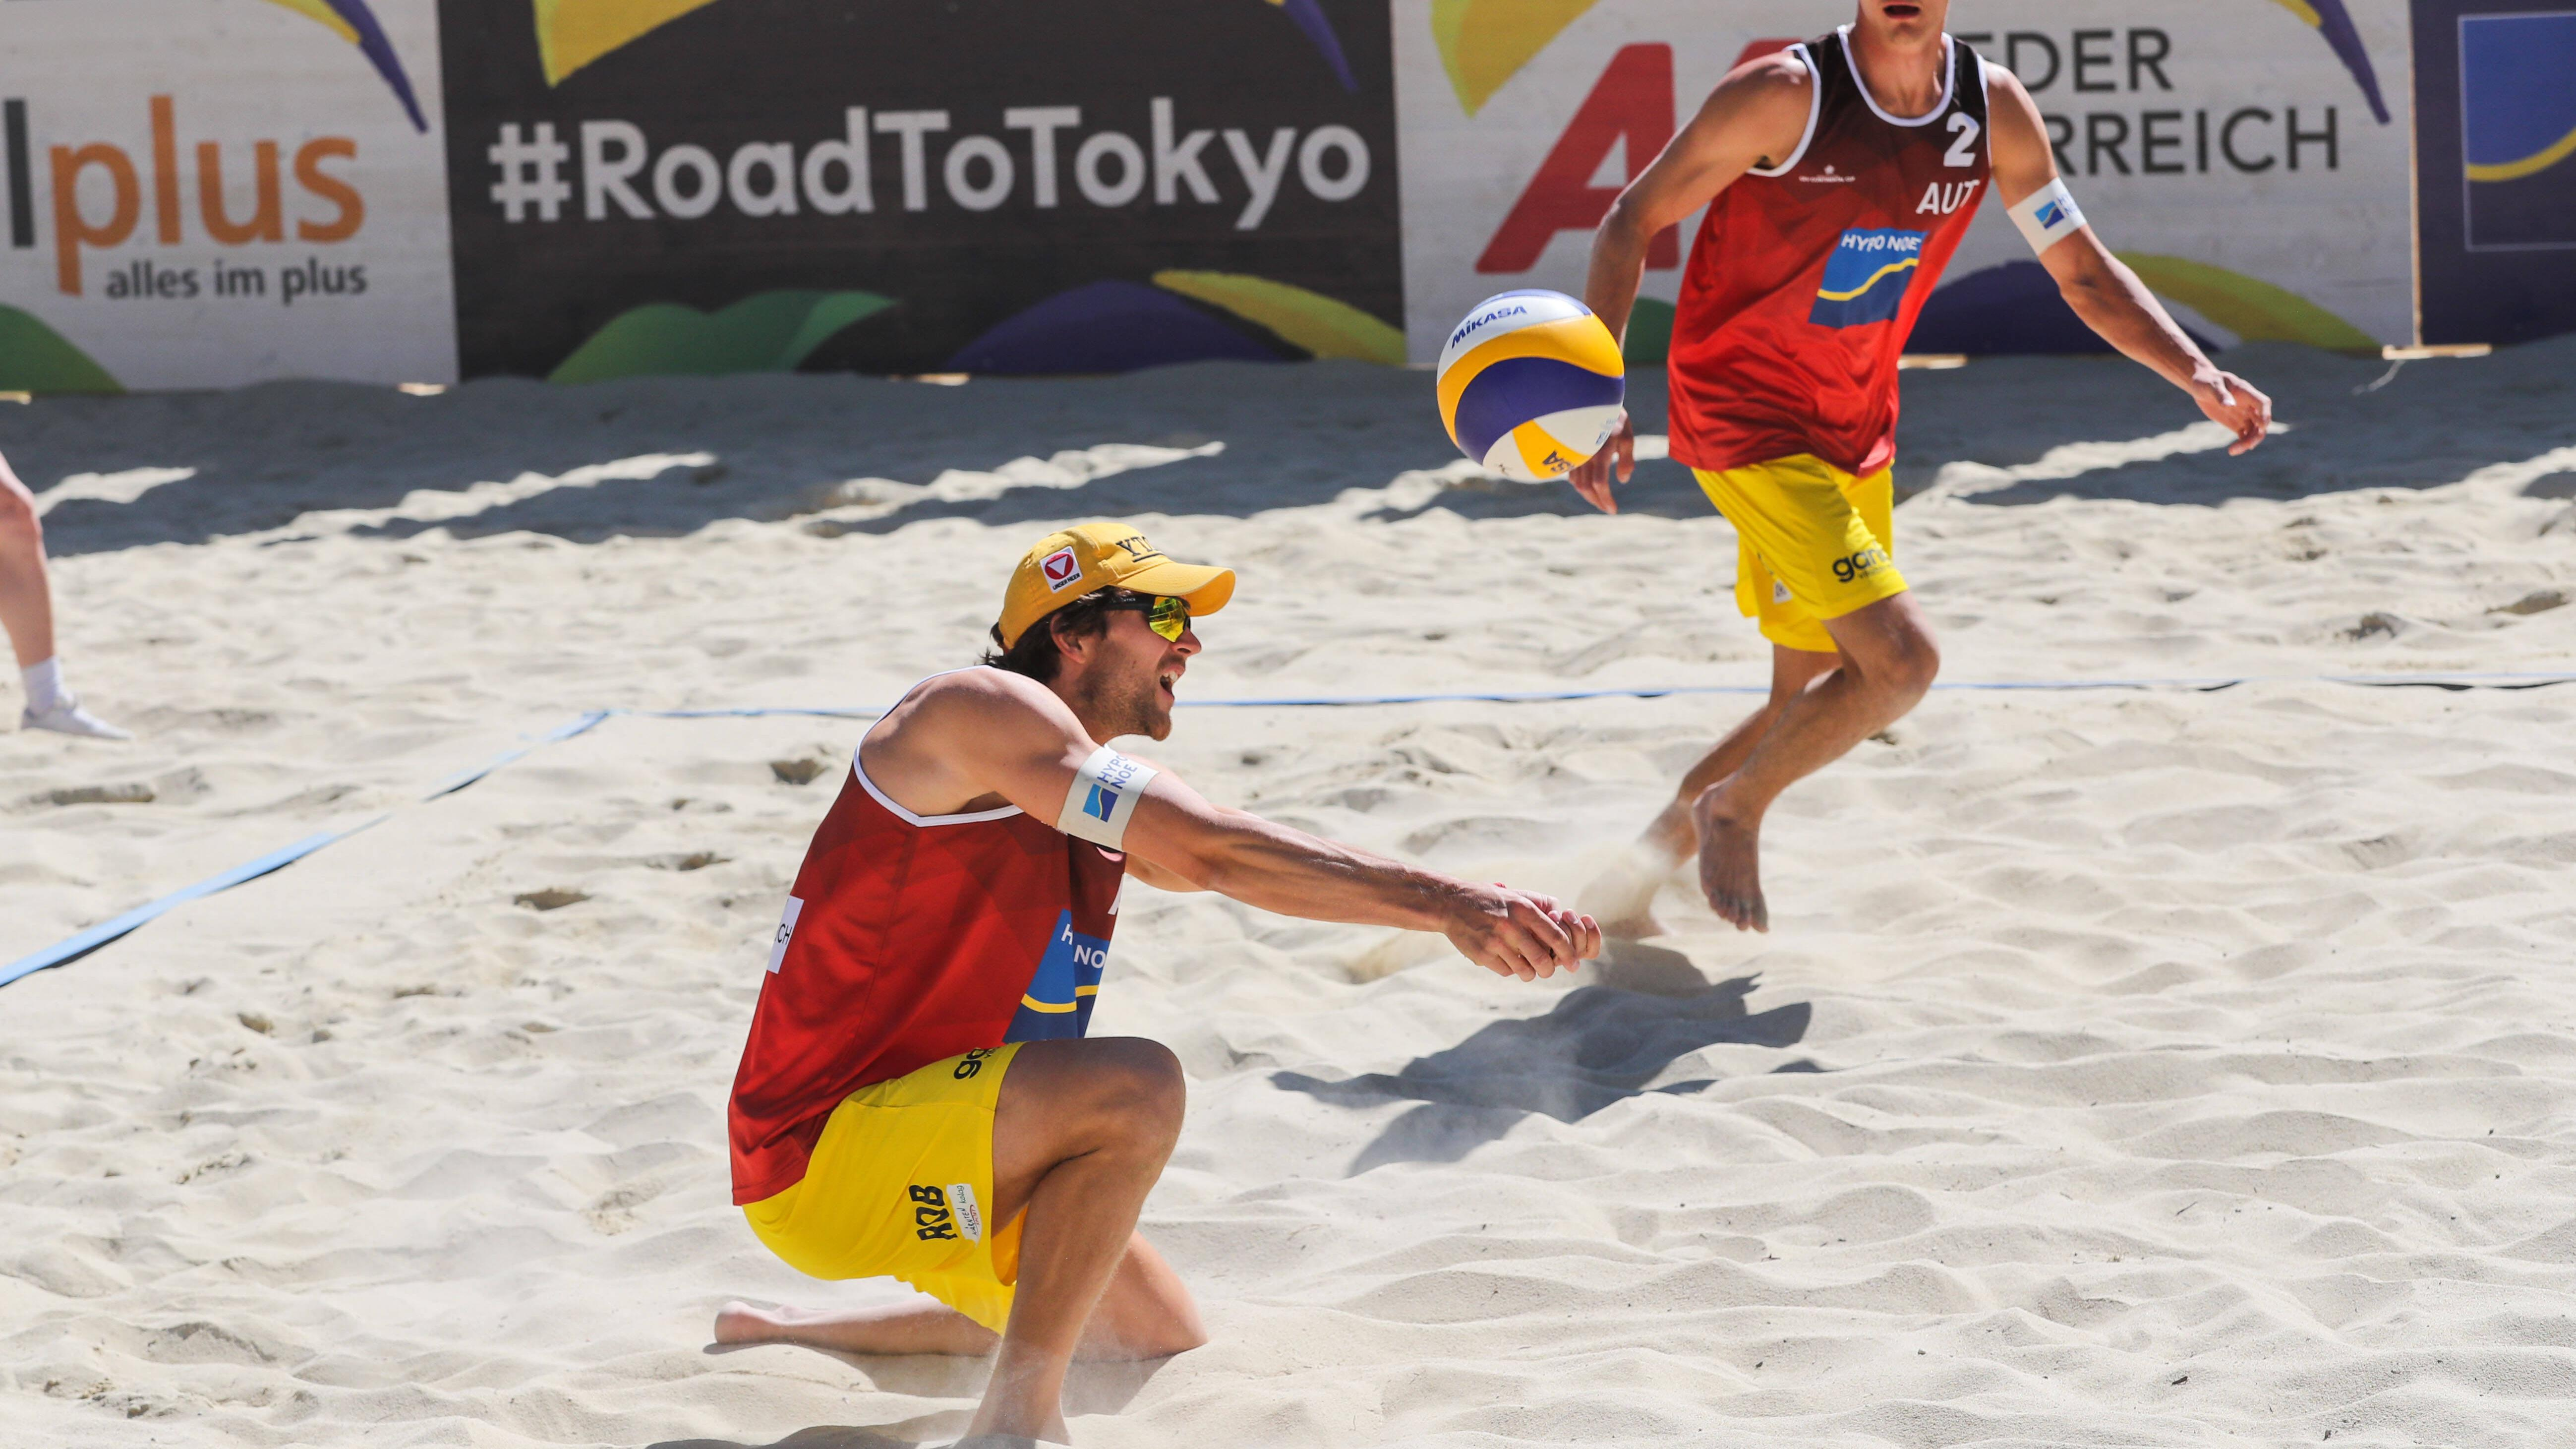 Beim Beachvolleyball gibt es verschiedene Regeln, die es zu beachten gilt